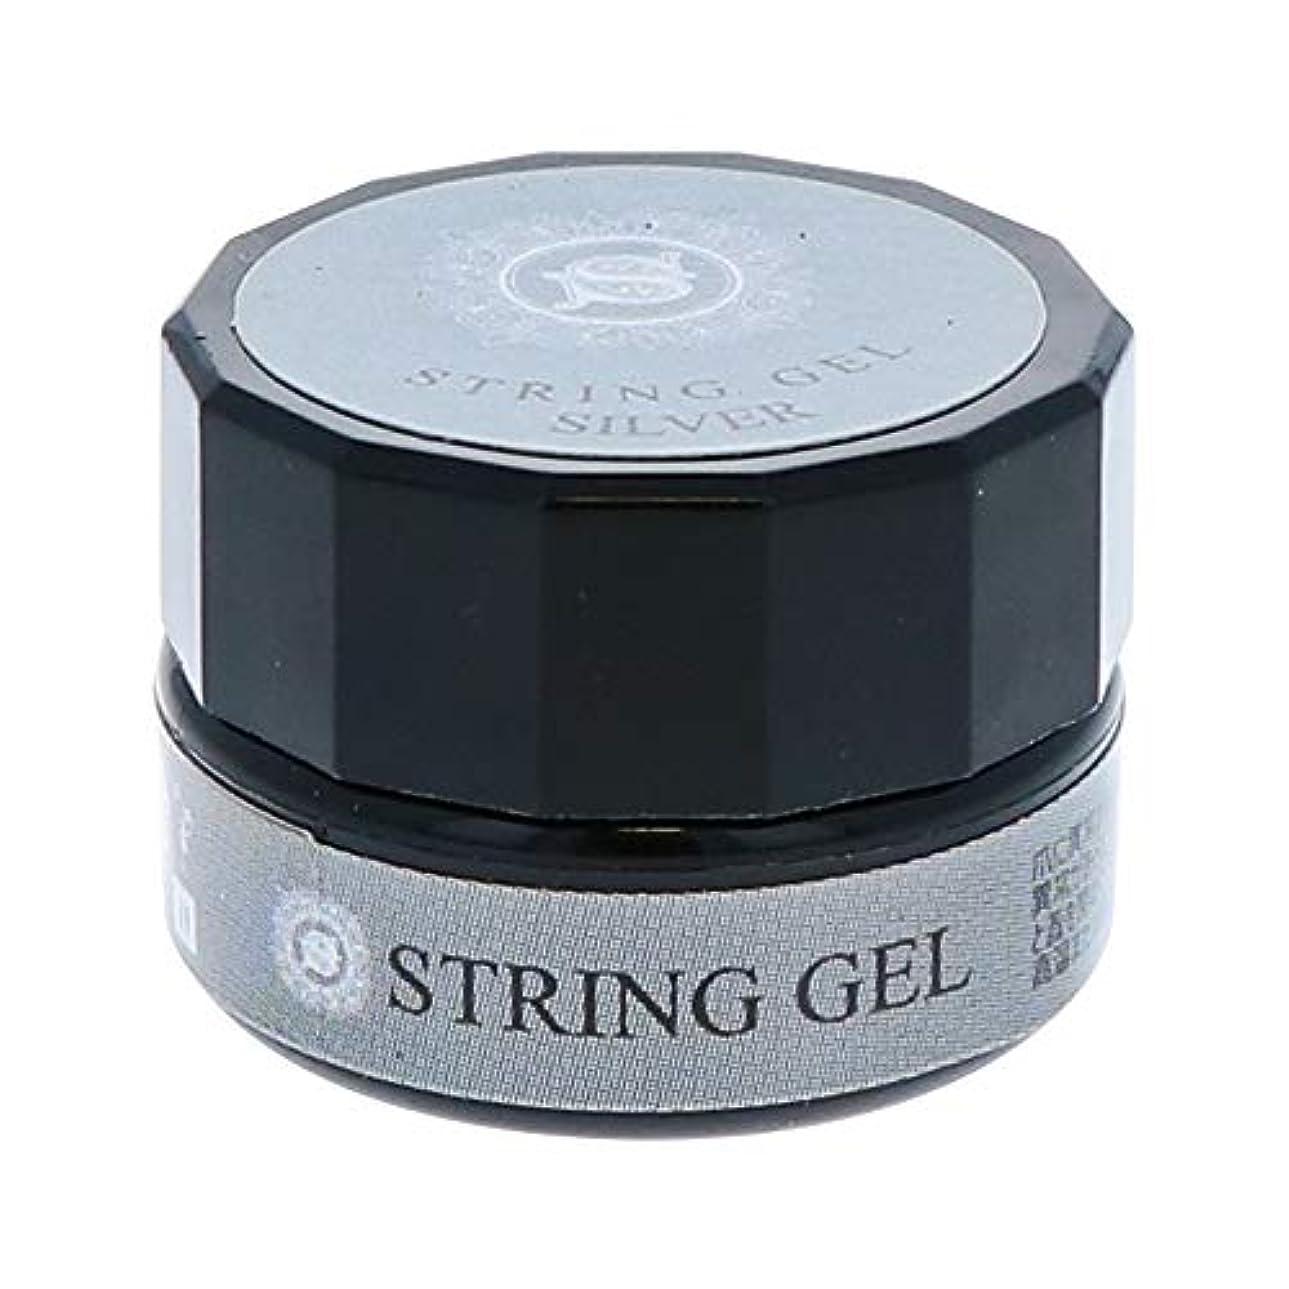 ふざけたプロテスタント証人ビューティーネイラー simply string gel (silver) 2.5g QSG-2